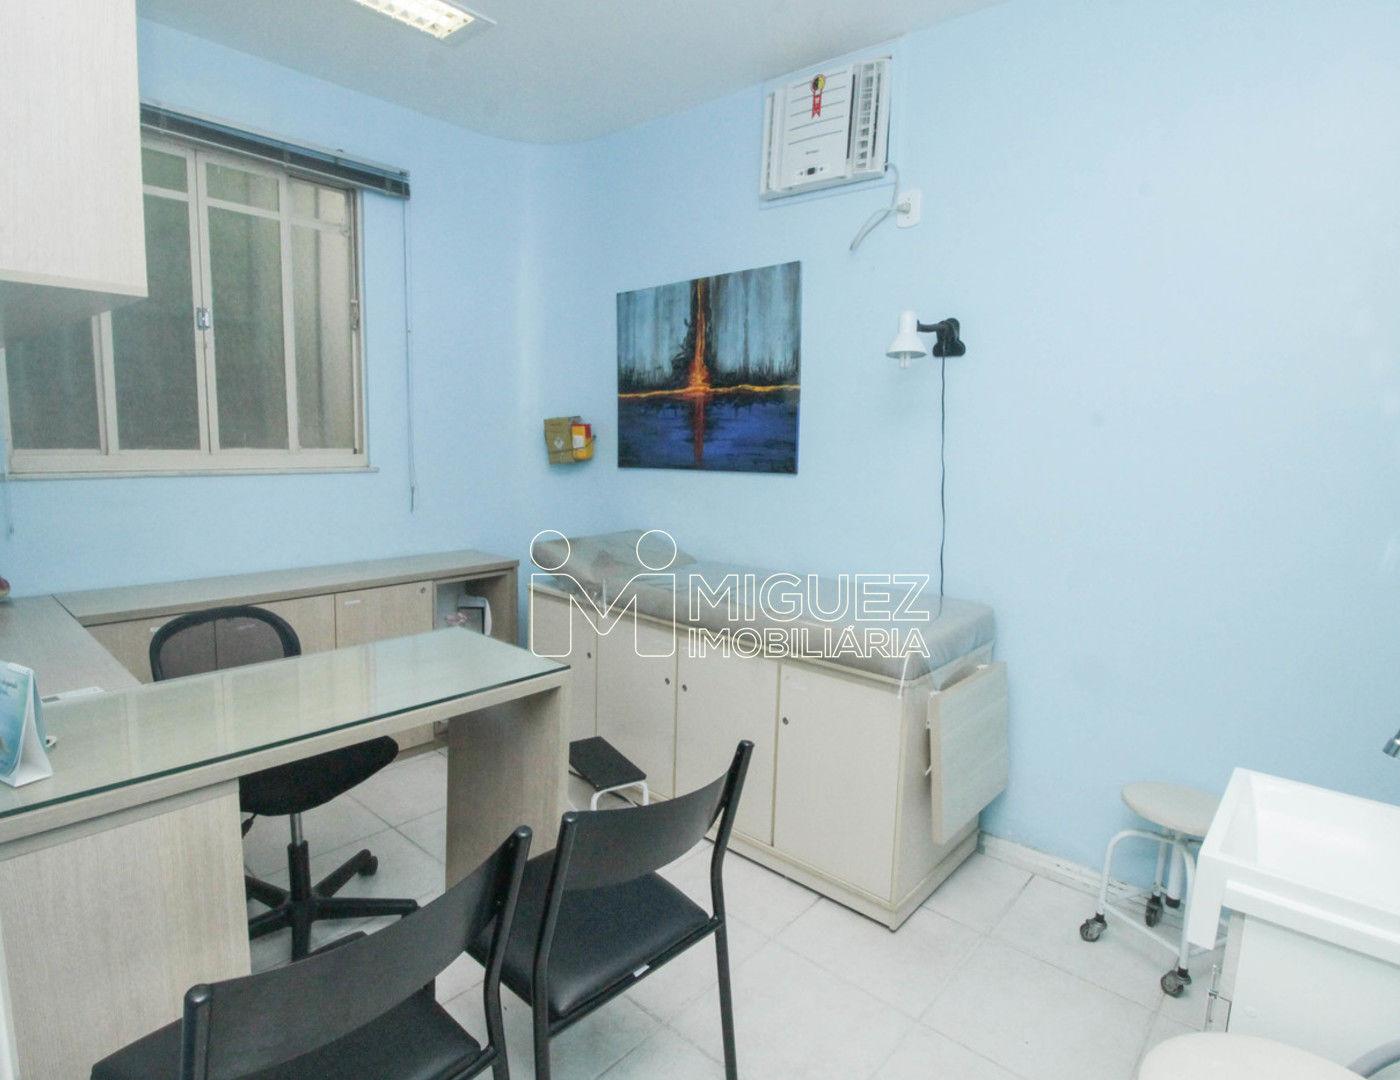 Predio, aluguel, Rua Doutor Pereira dos Santos - Tijuca , Rio de janeiro